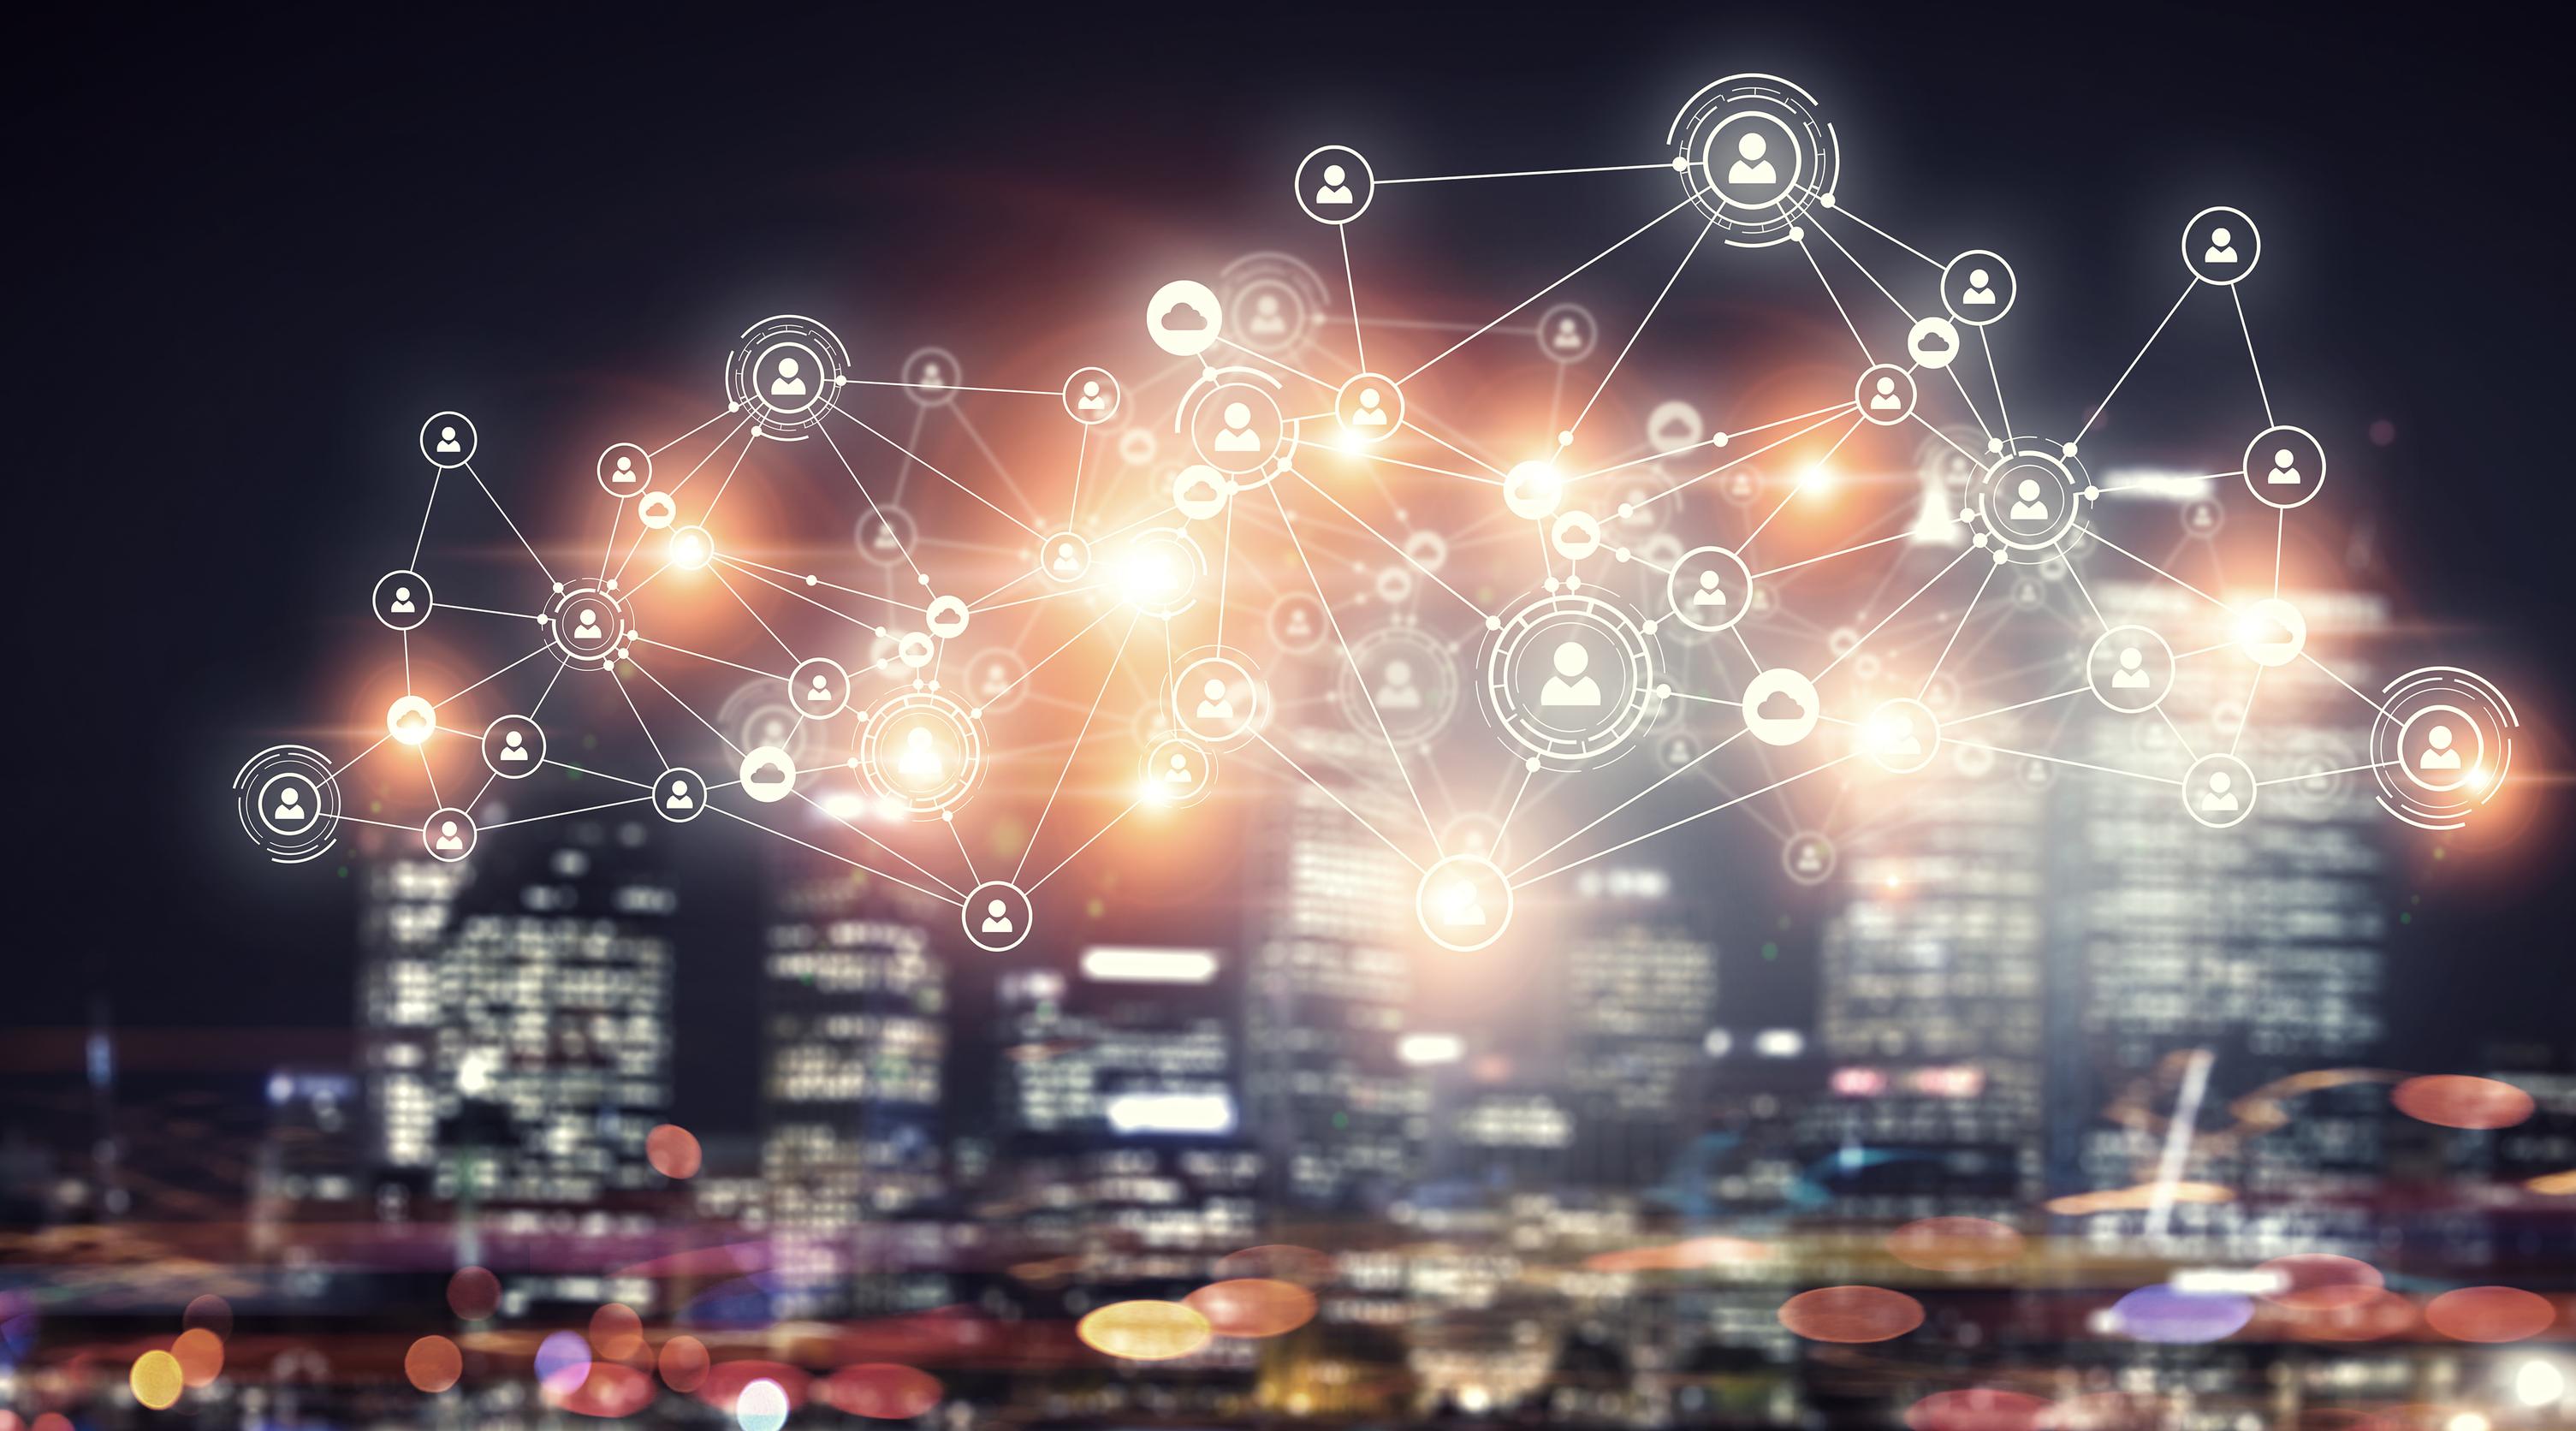 Il mercato IoT per le smart city